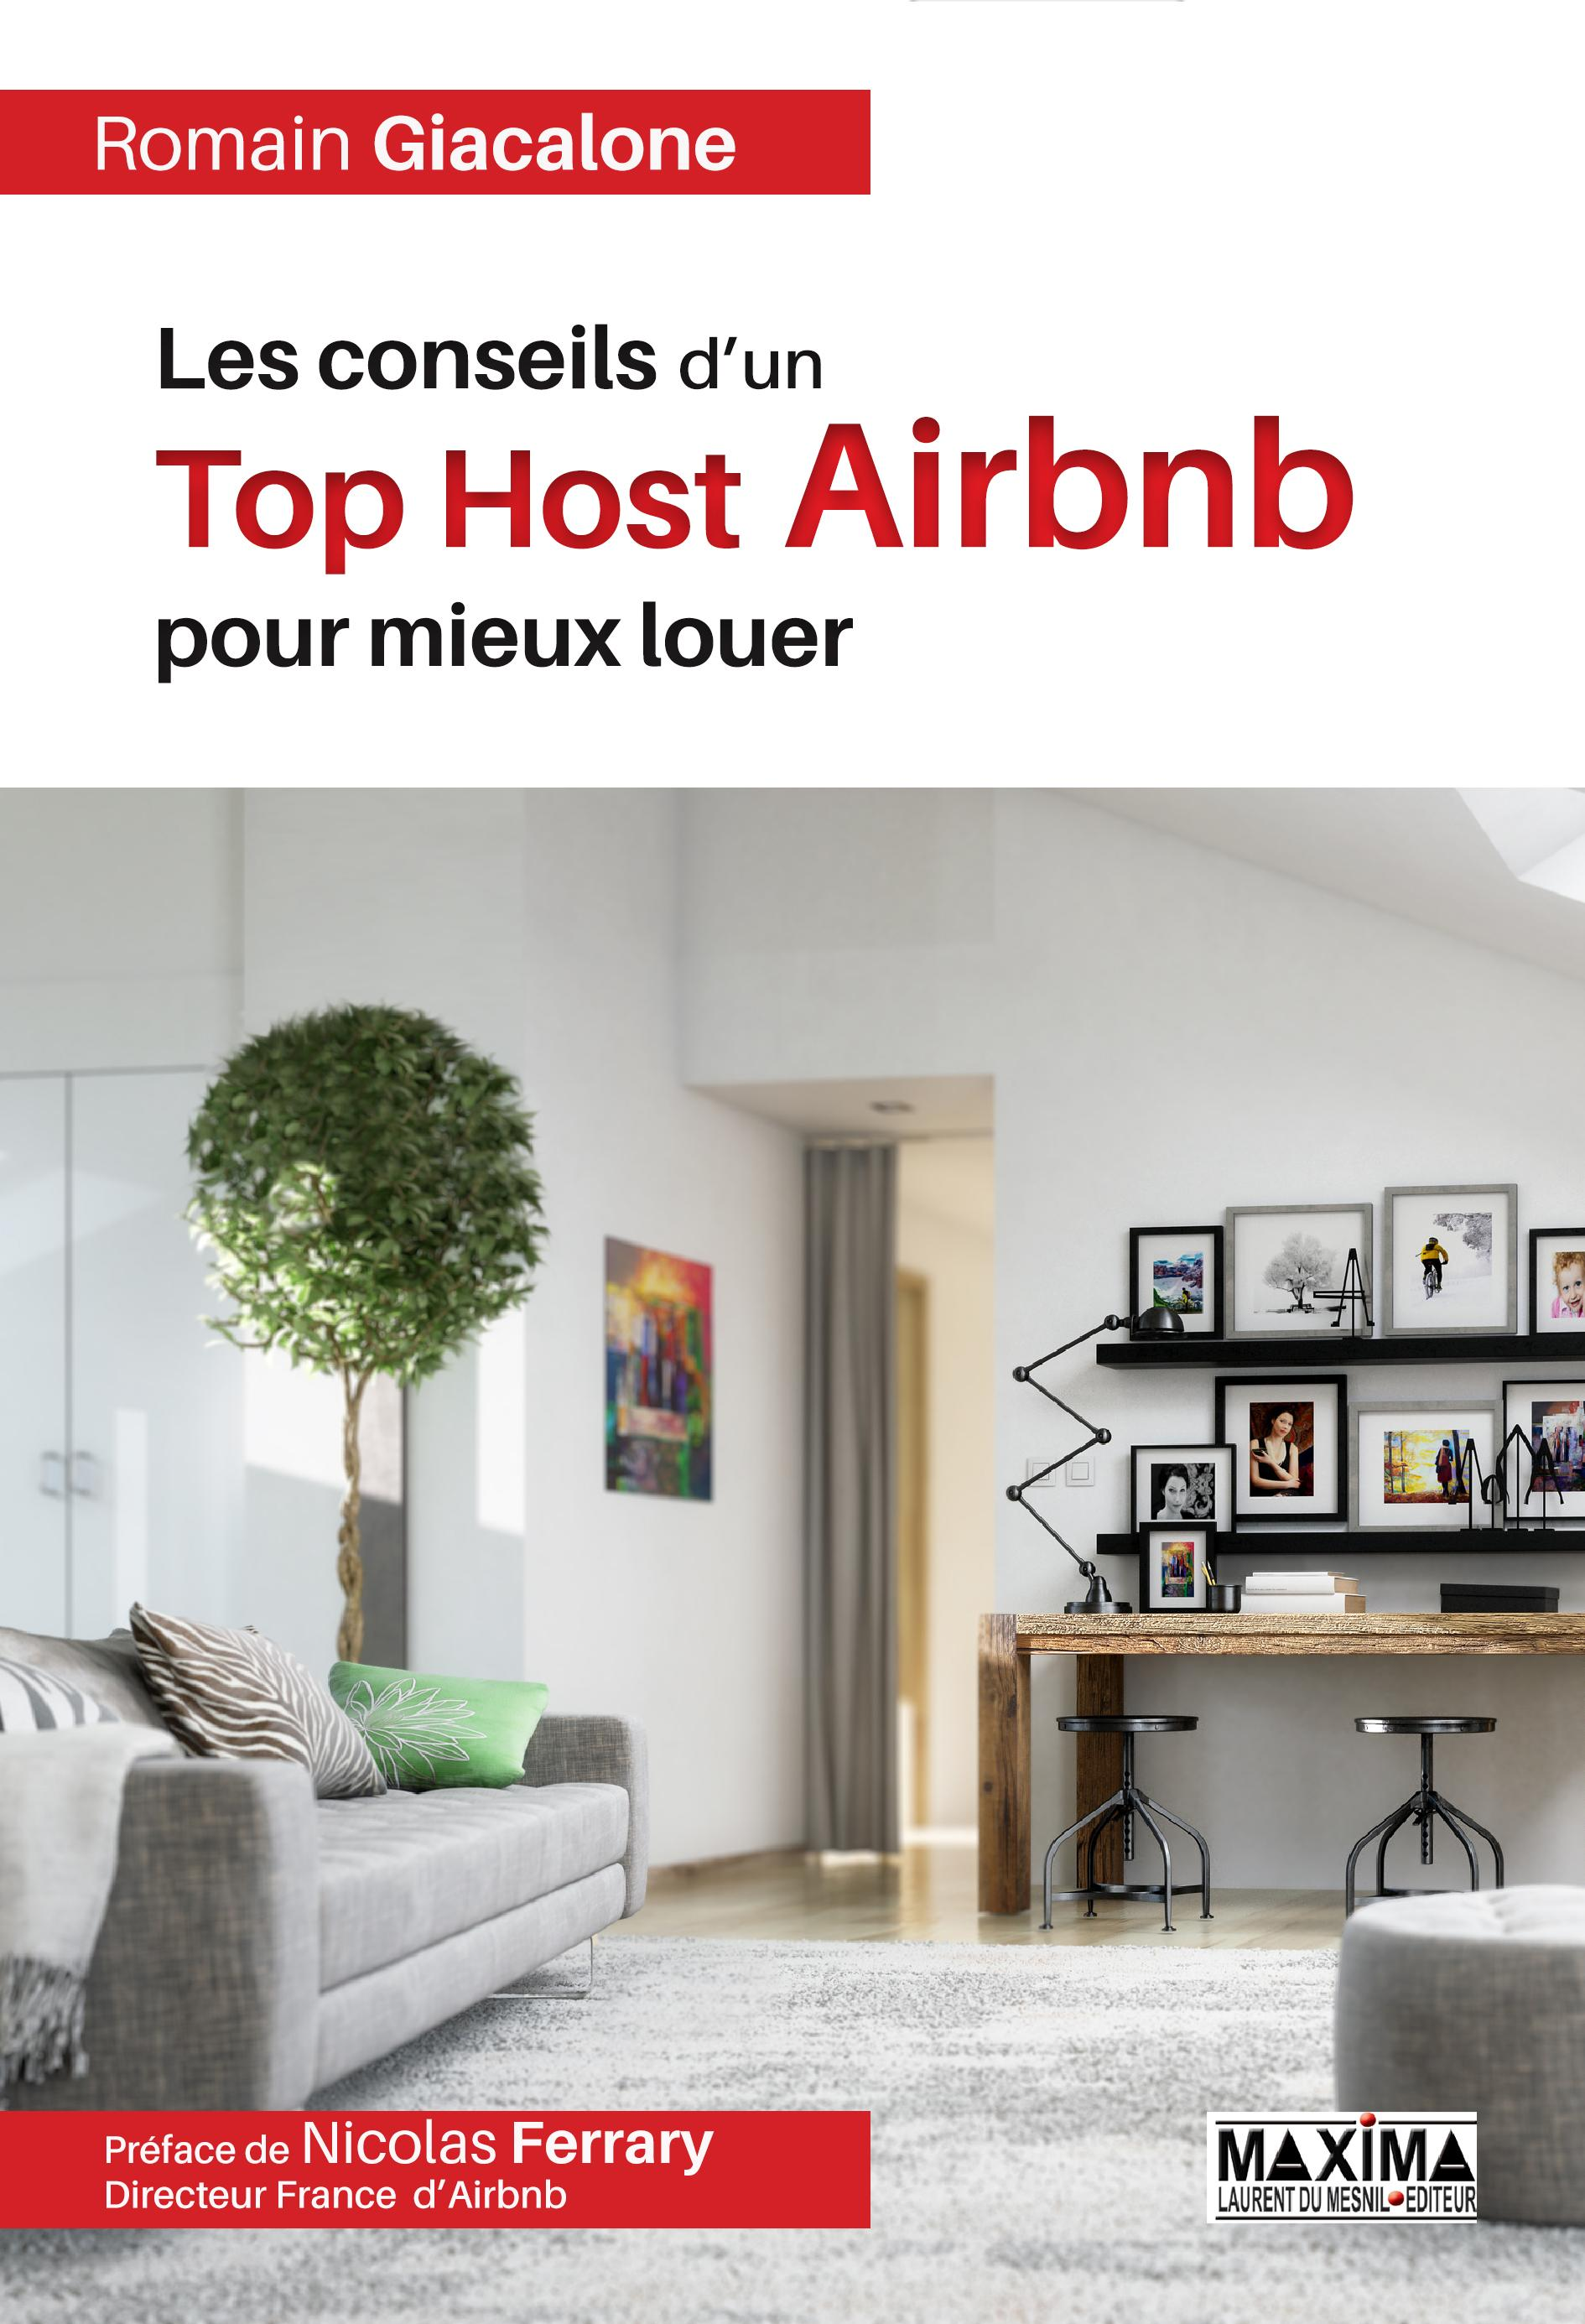 Les conseils d'un Top Host Airbnb pour mieux louer